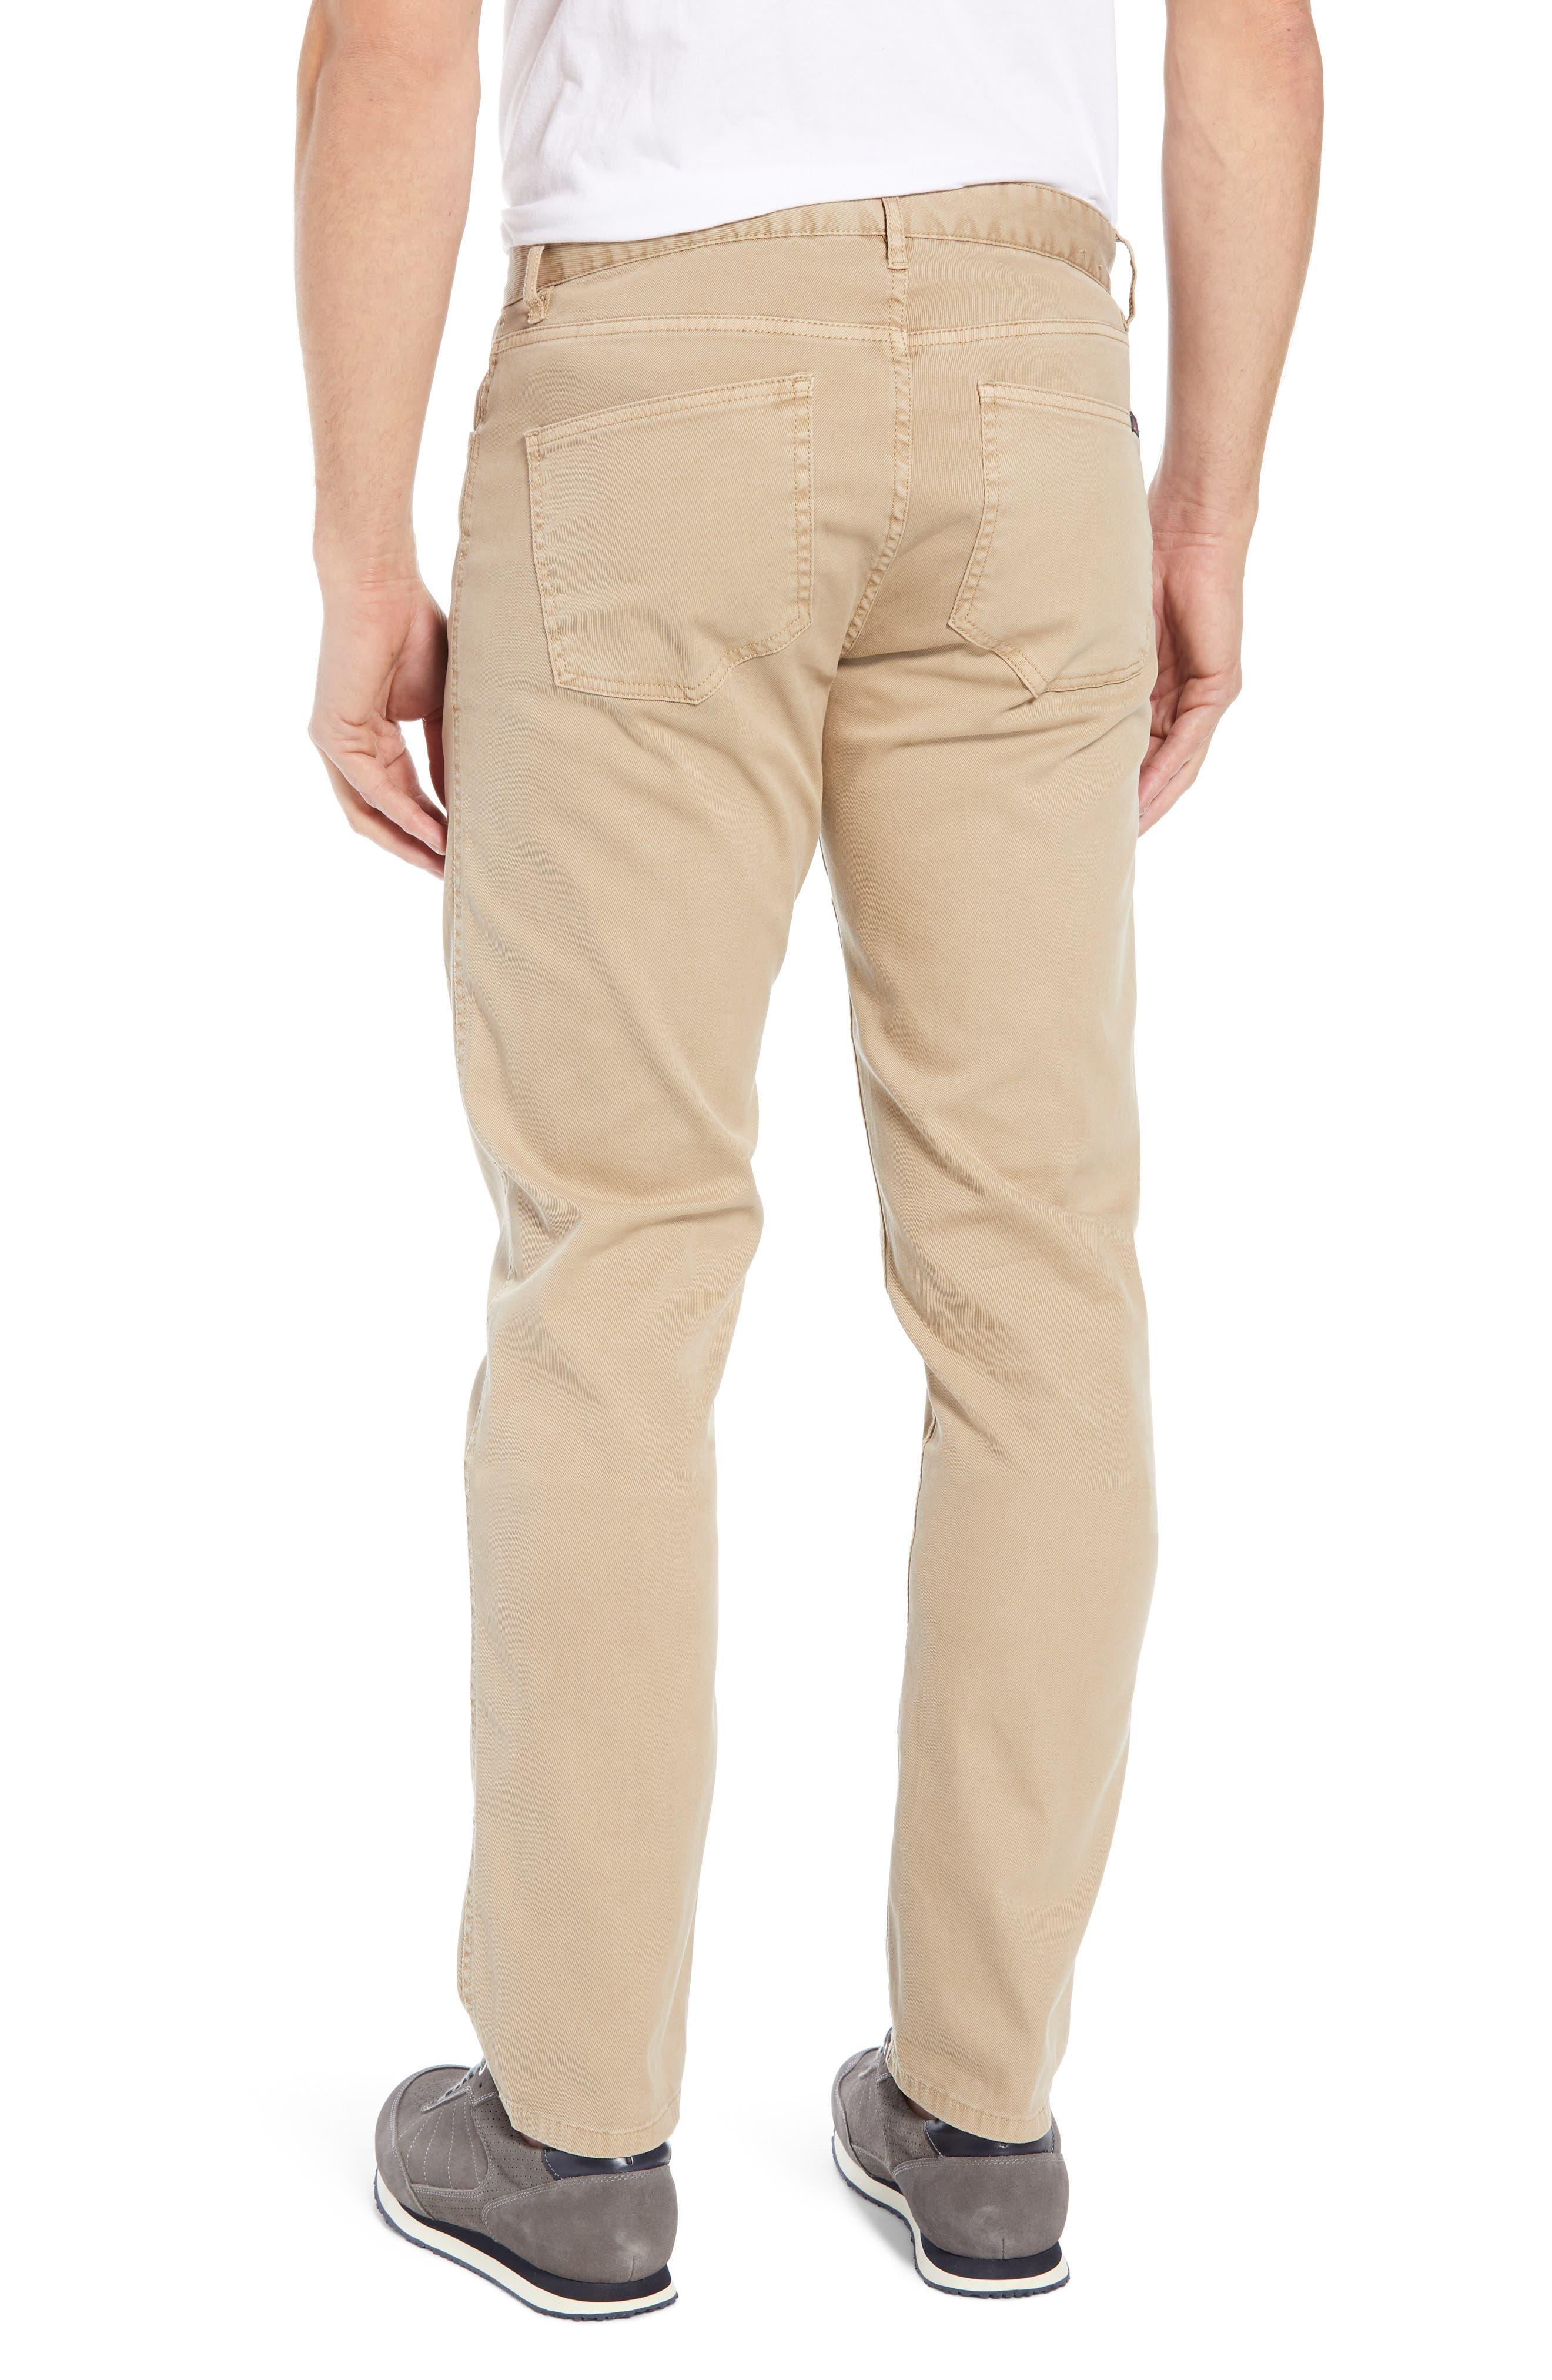 Comfort Twill Five-Pocket Pants,                             Alternate thumbnail 2, color,                             KHAKI